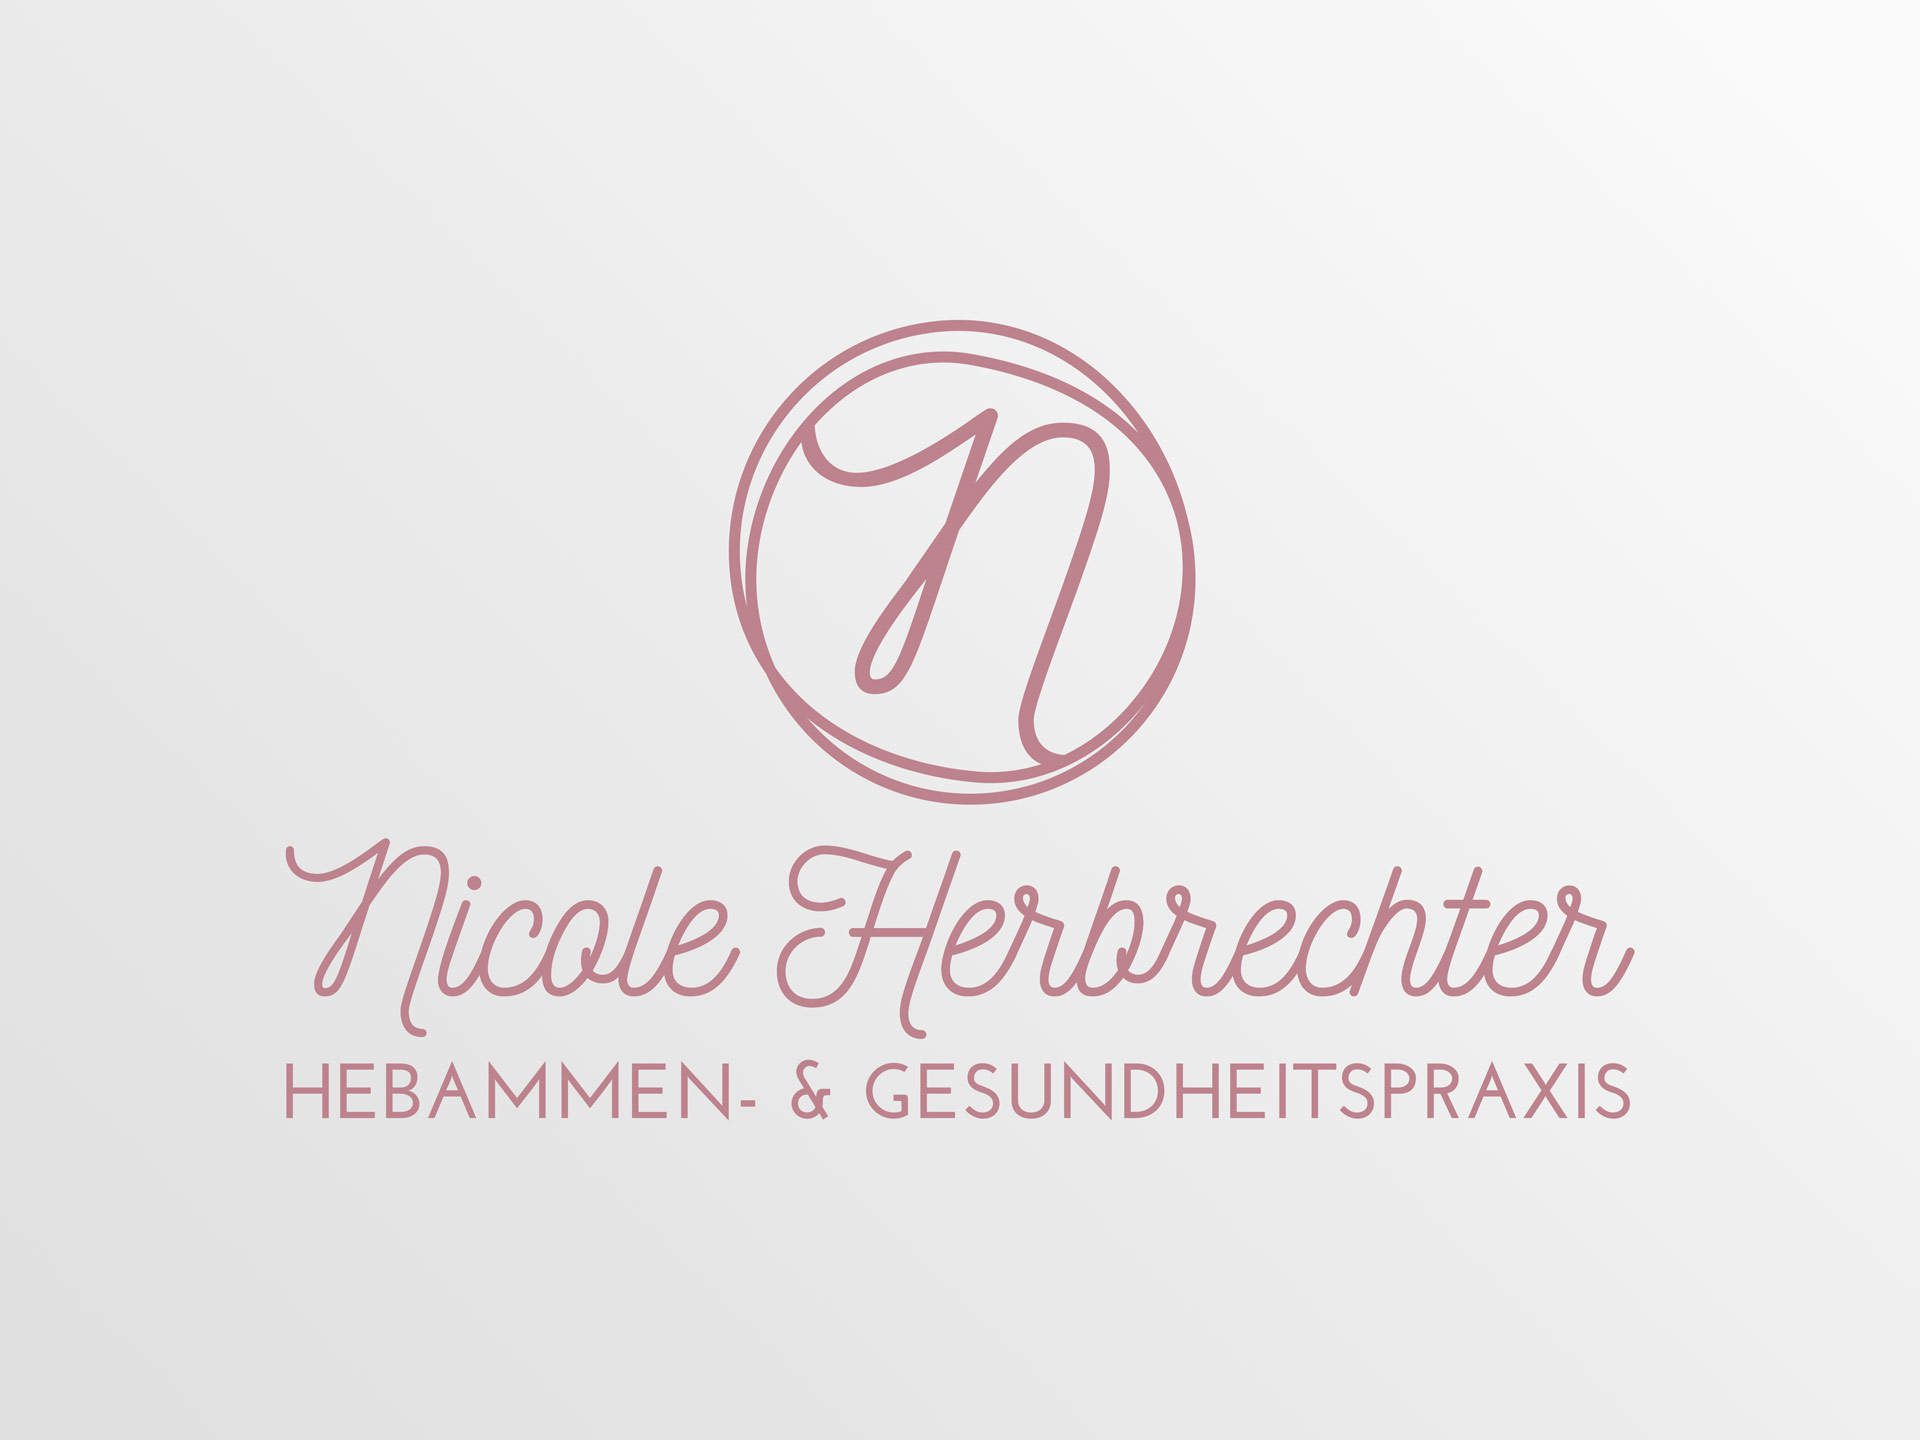 Nicole_Herbrechter_Logo.jpg